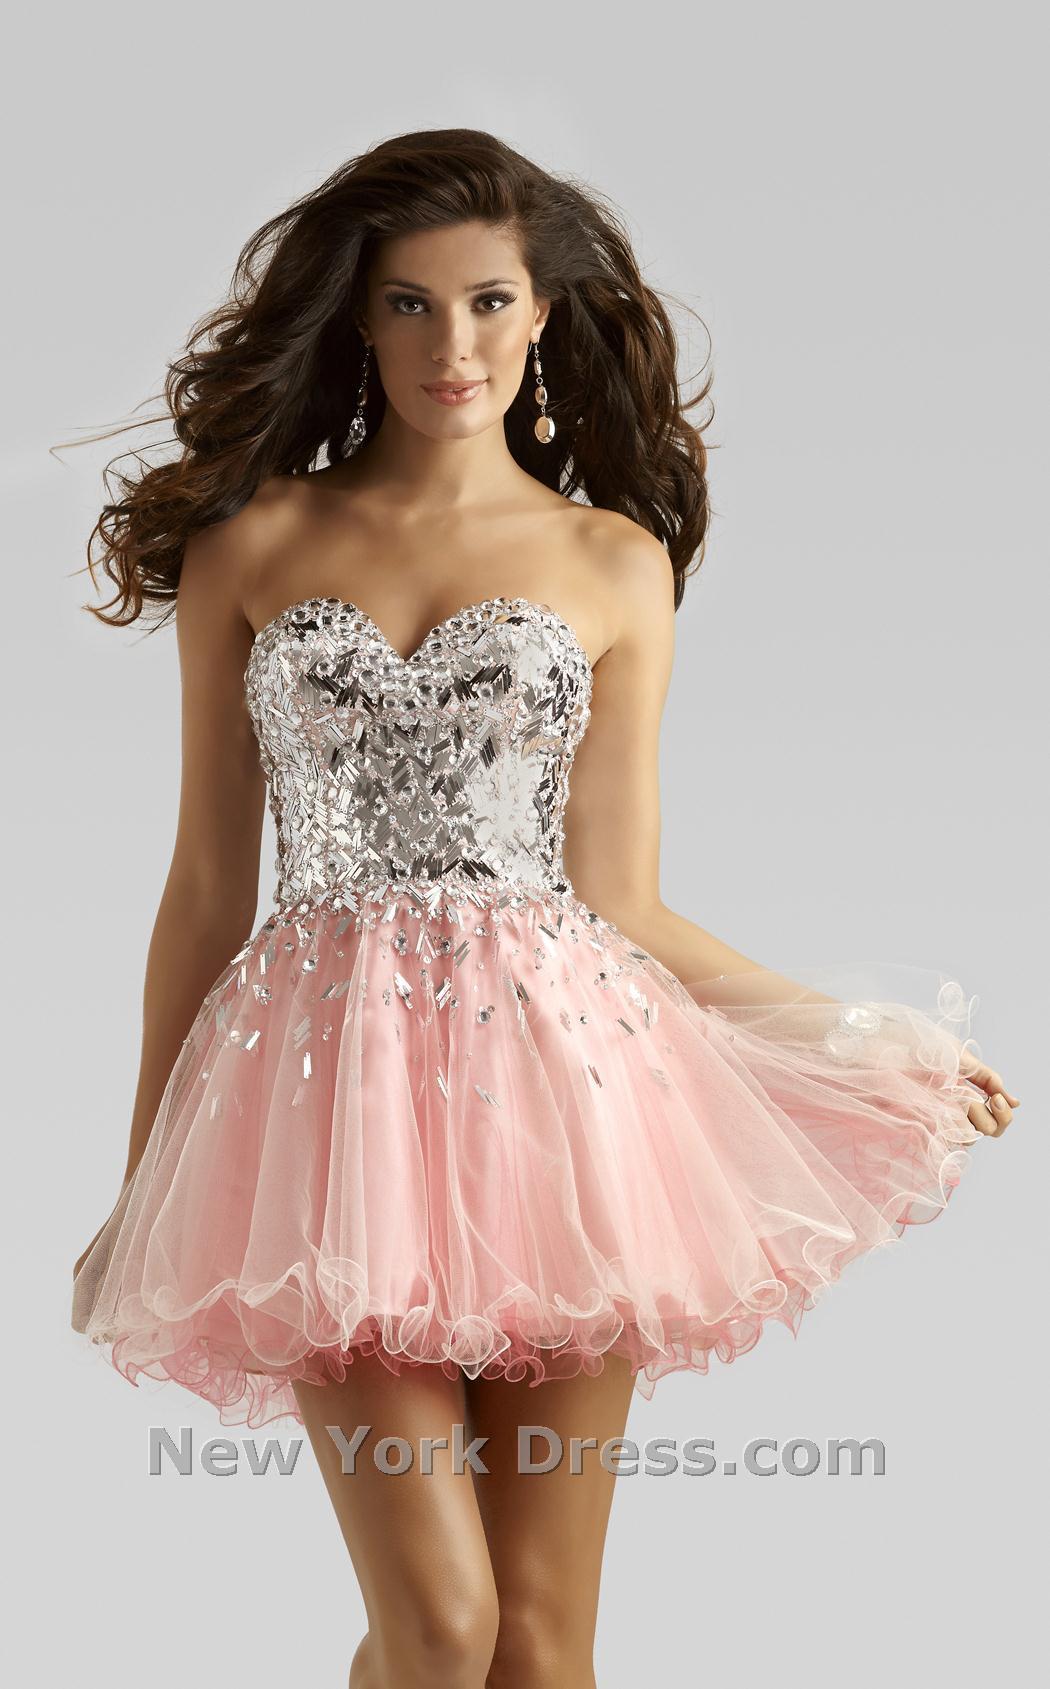 Clarisse 2391 dress